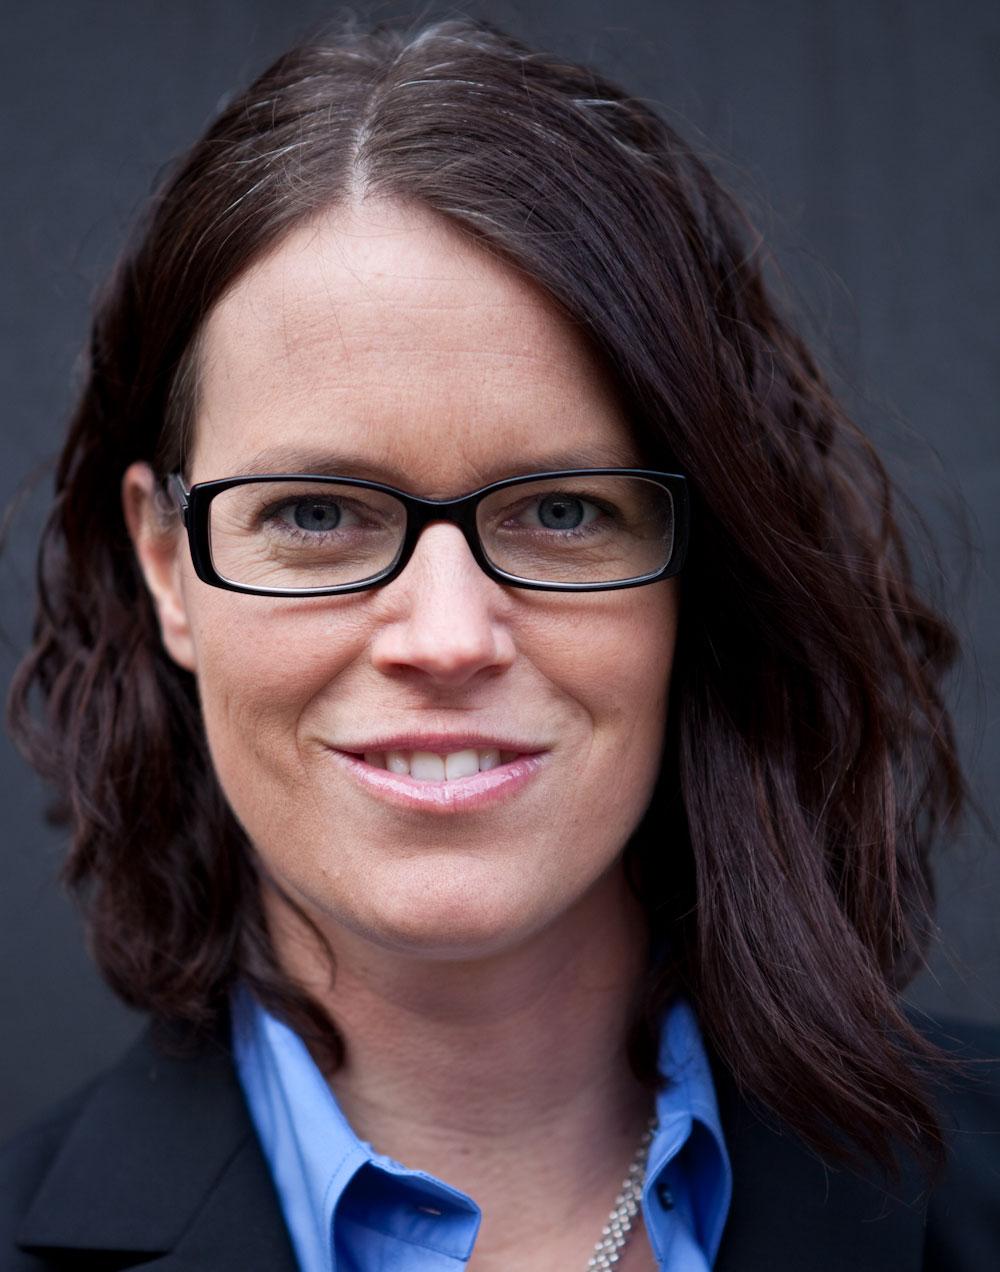 Malin Malmsjö, som är professor och överläkare vid Lunds universitetssjukhus